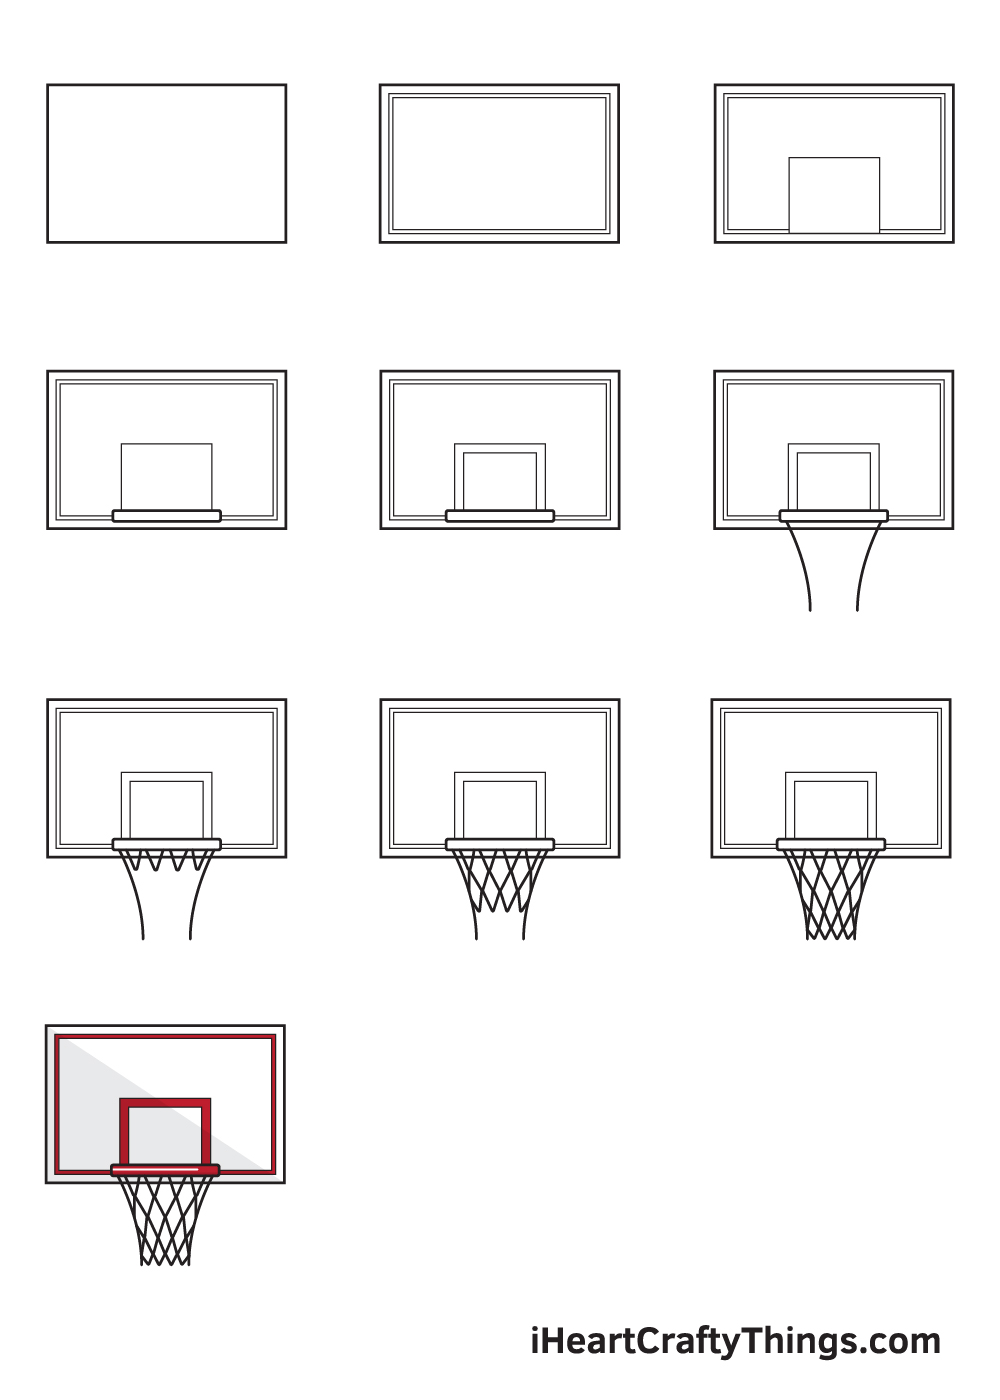 drawing basketball hoop in 9 easy steps